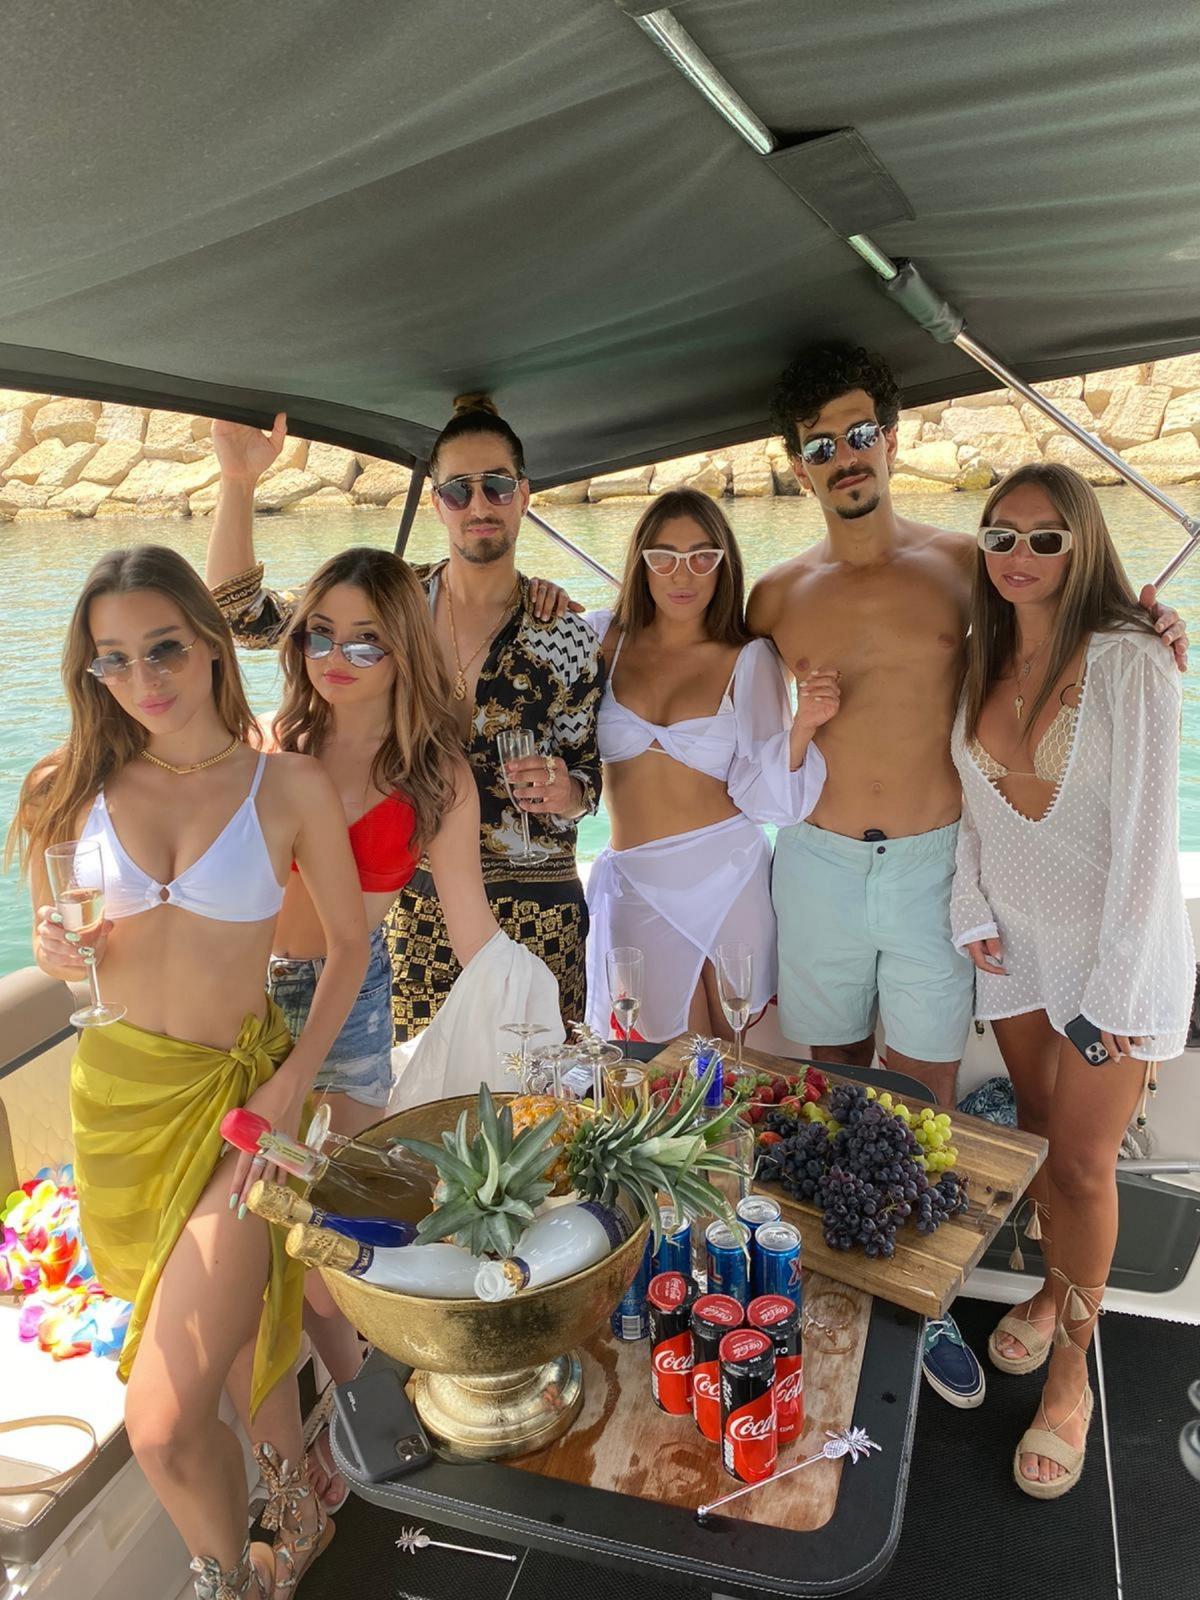 לינור סביניק חגגה במסיבה סודית: החברים מבית האח לא הוזמנו!?